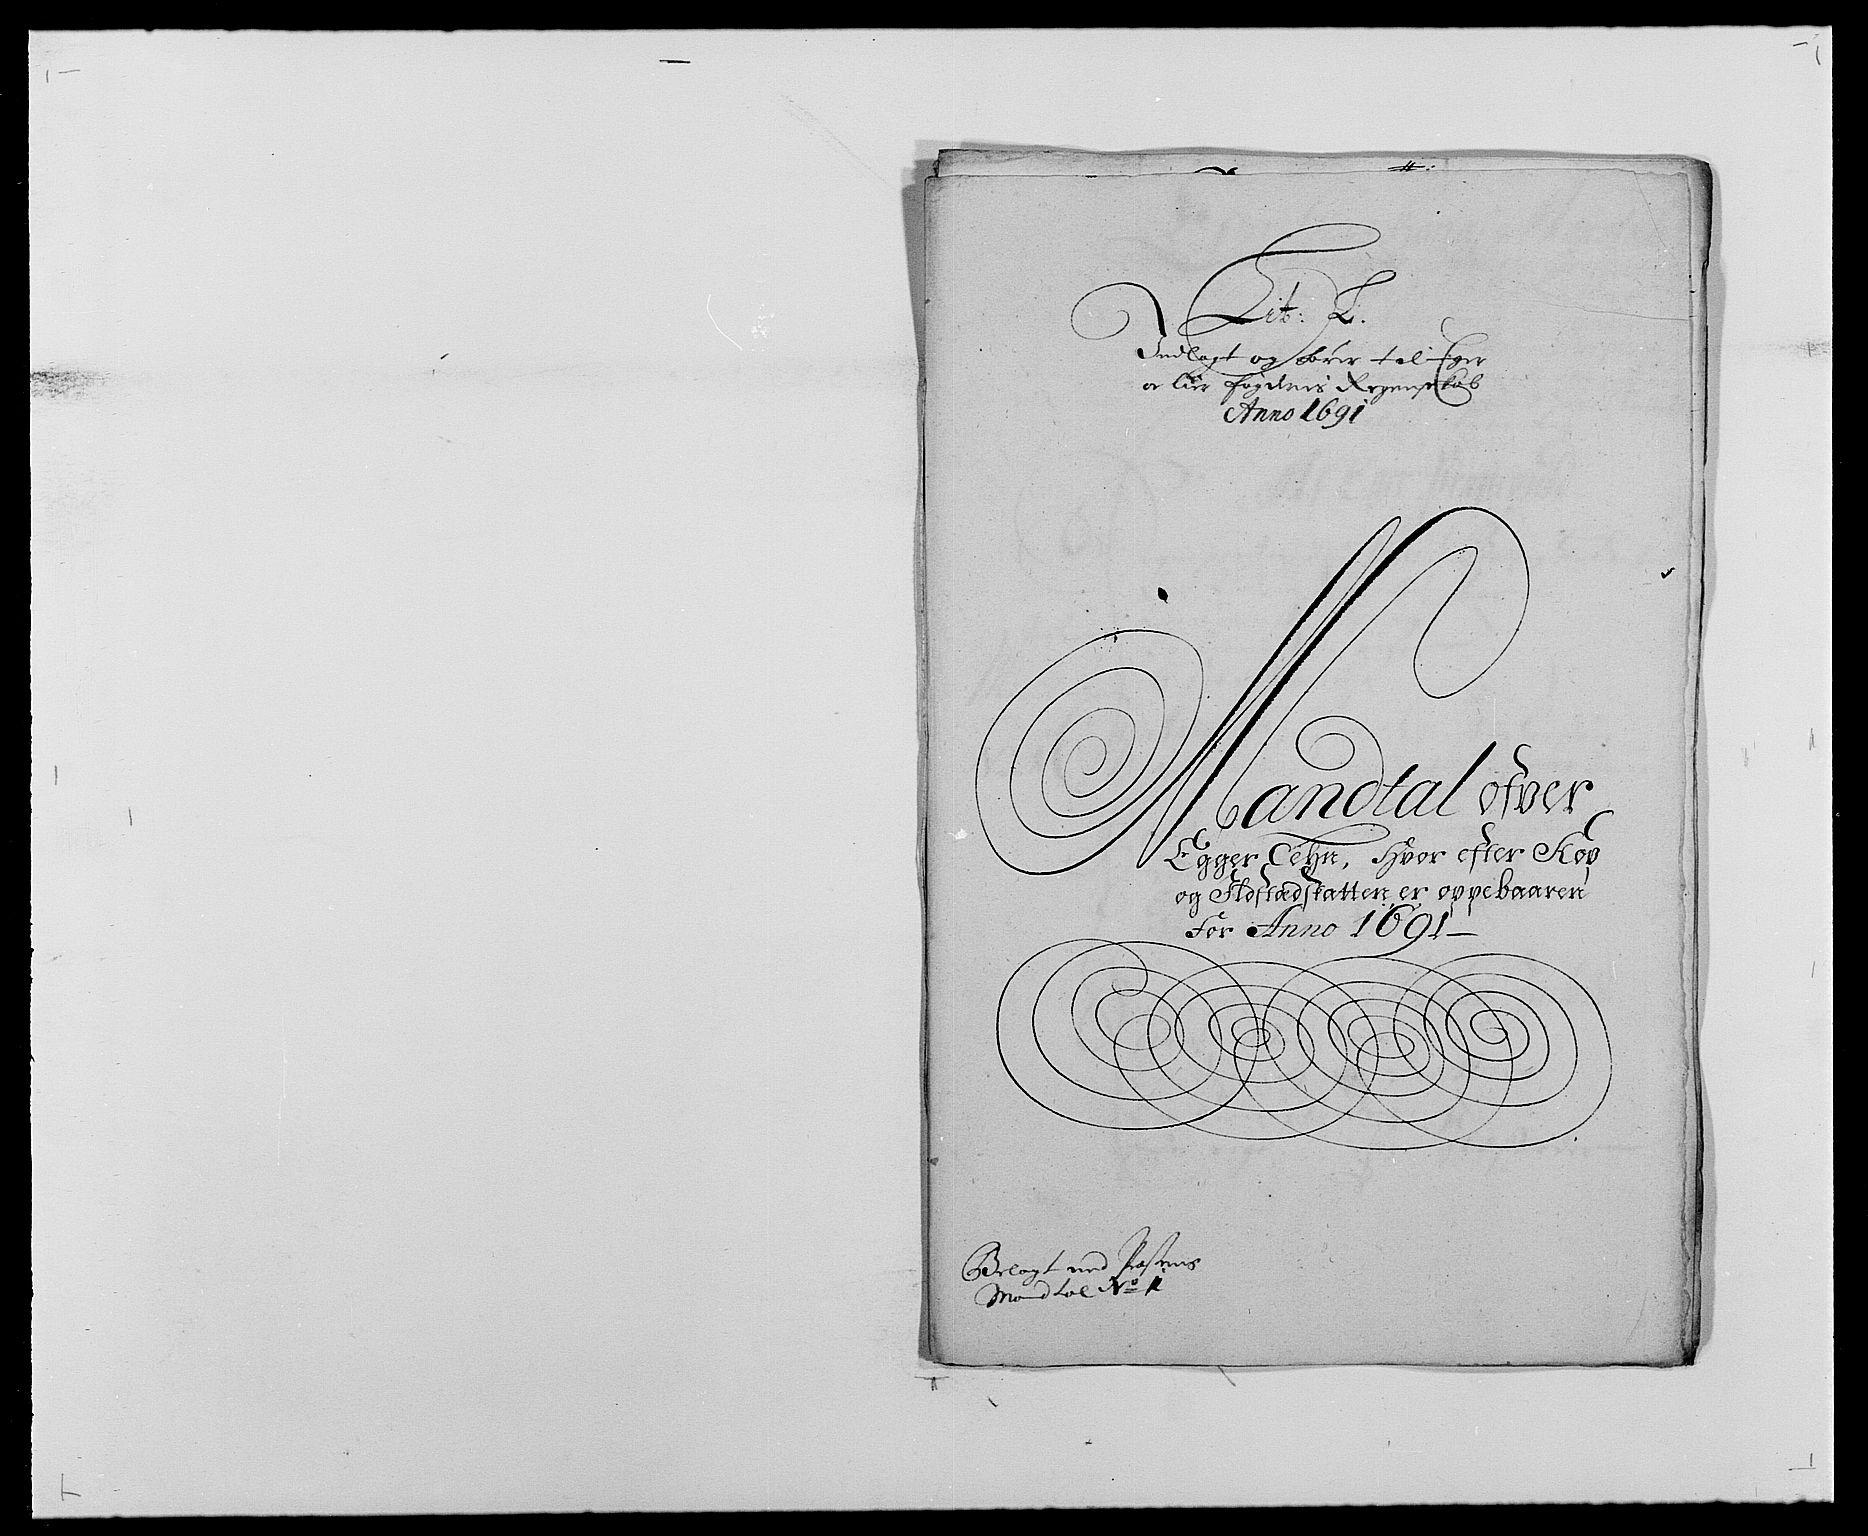 RA, Rentekammeret inntil 1814, Reviderte regnskaper, Fogderegnskap, R28/L1689: Fogderegnskap Eiker og Lier, 1690-1691, s. 305